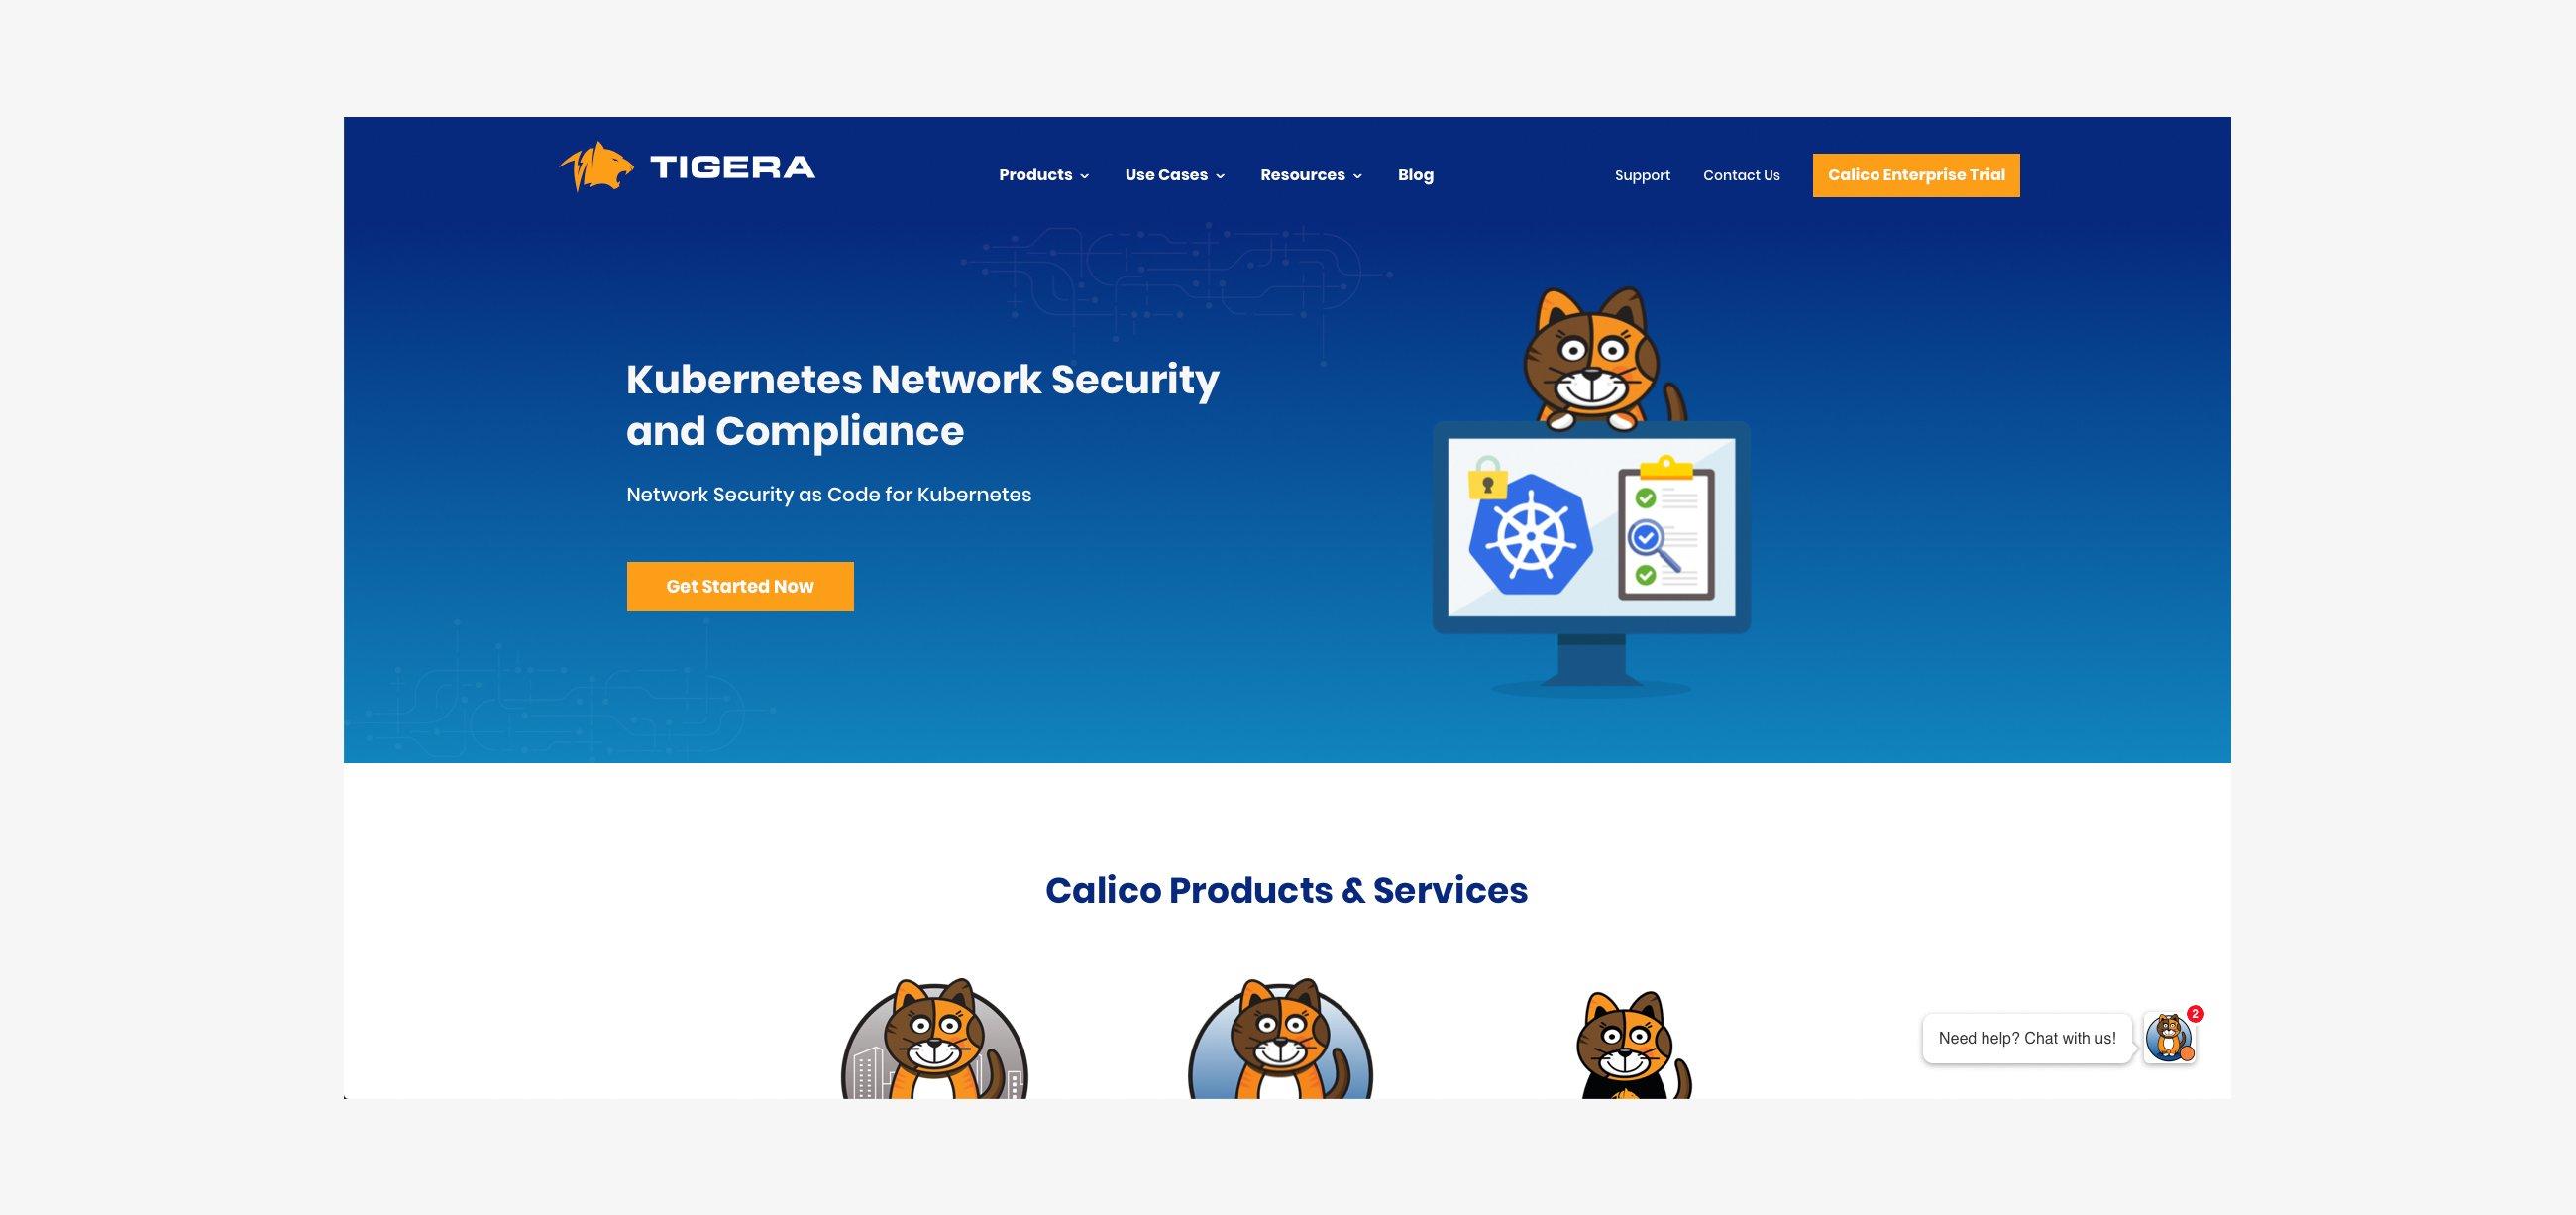 Tigera - Companies in San Francisco